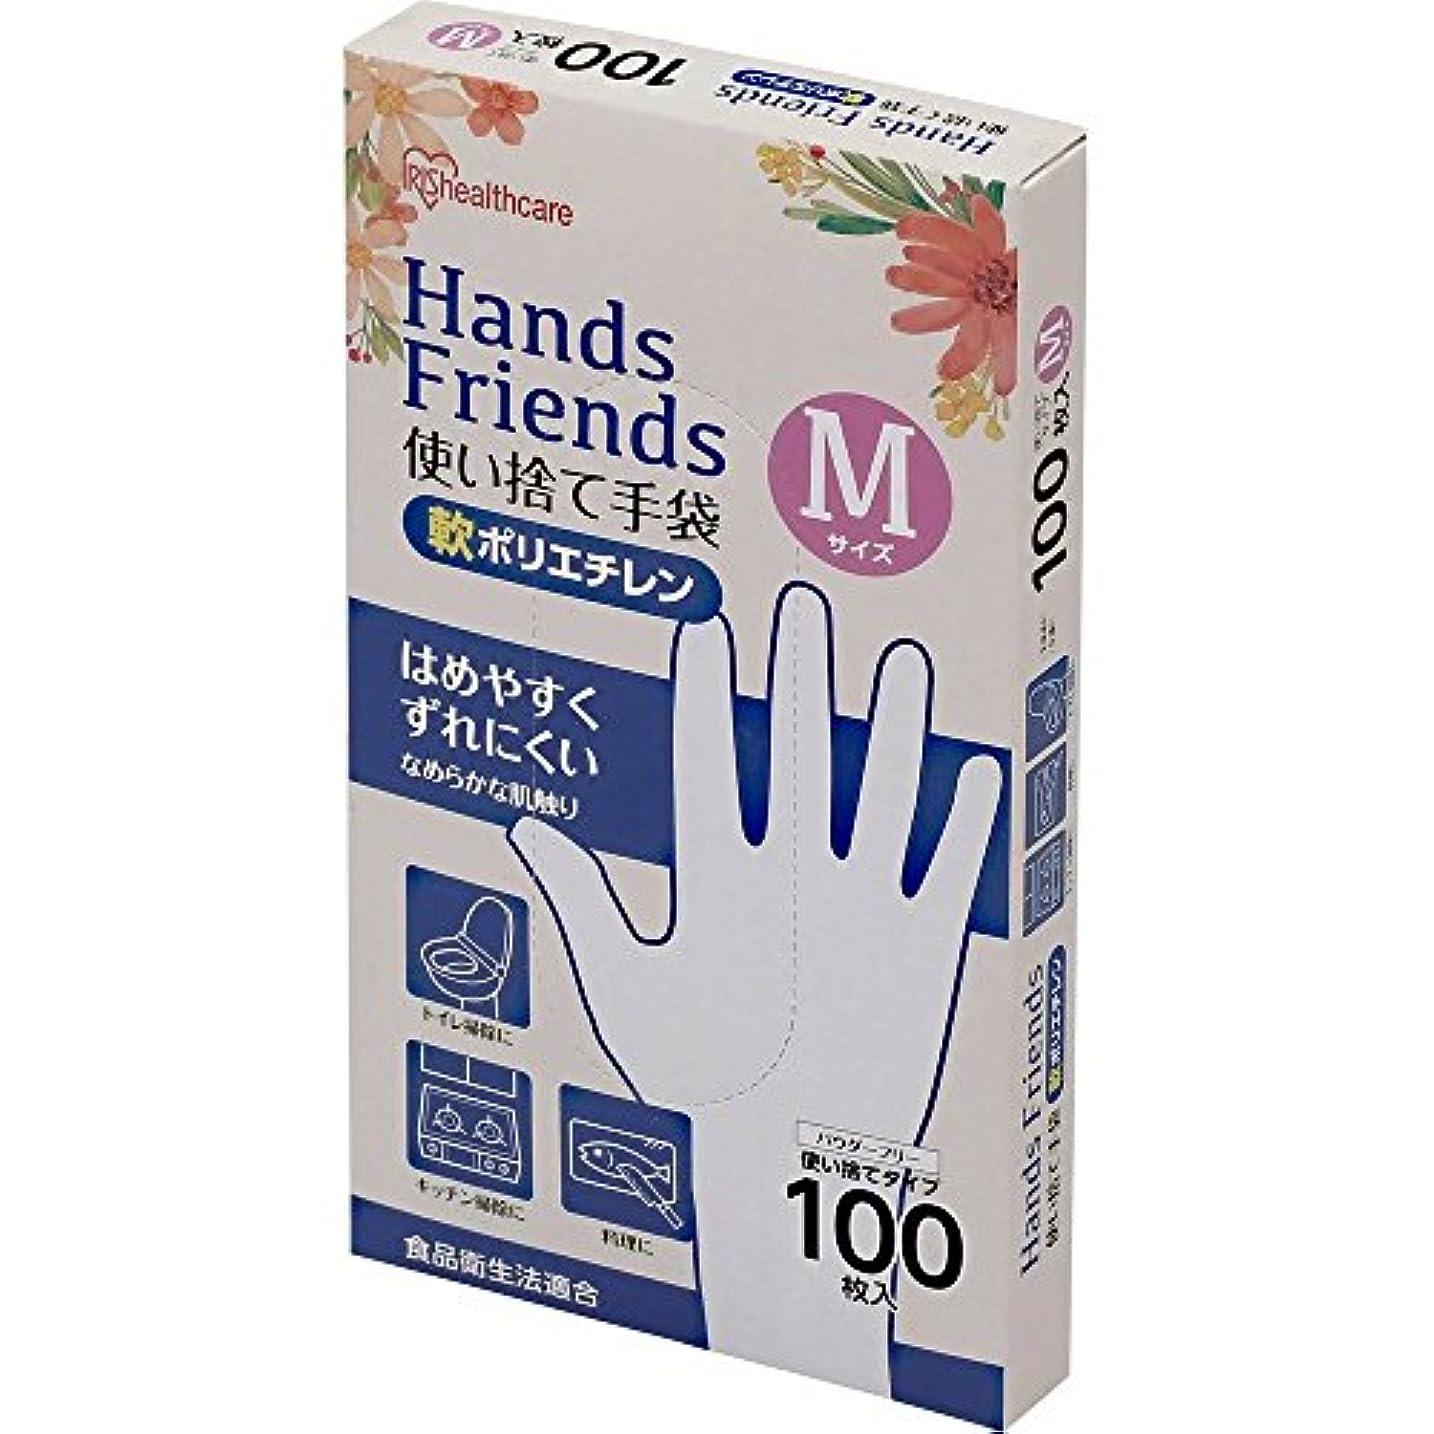 高速道路労働引退した使い捨て手袋 軟ポリエチレン手袋 Mサイズ 粉なし パウダーフリー クリア 100枚入